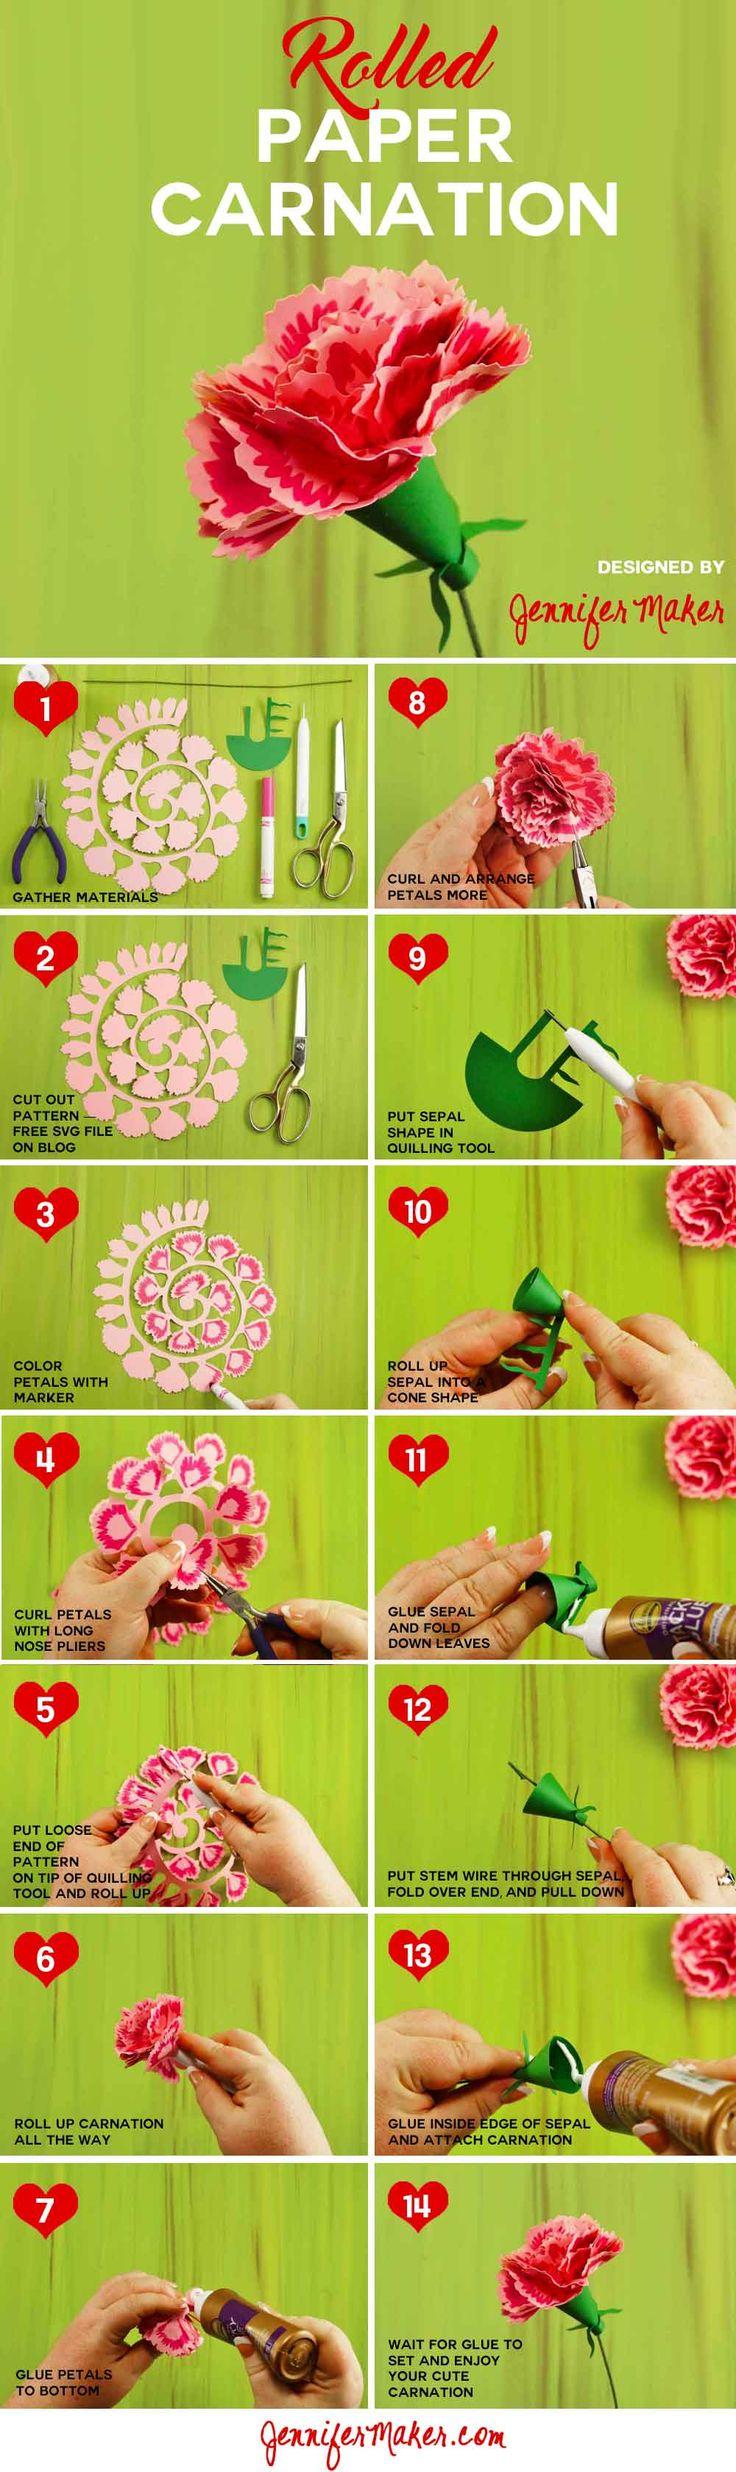 Rolled Paper Carnation   Quilled Flower   JenniferMaker.com